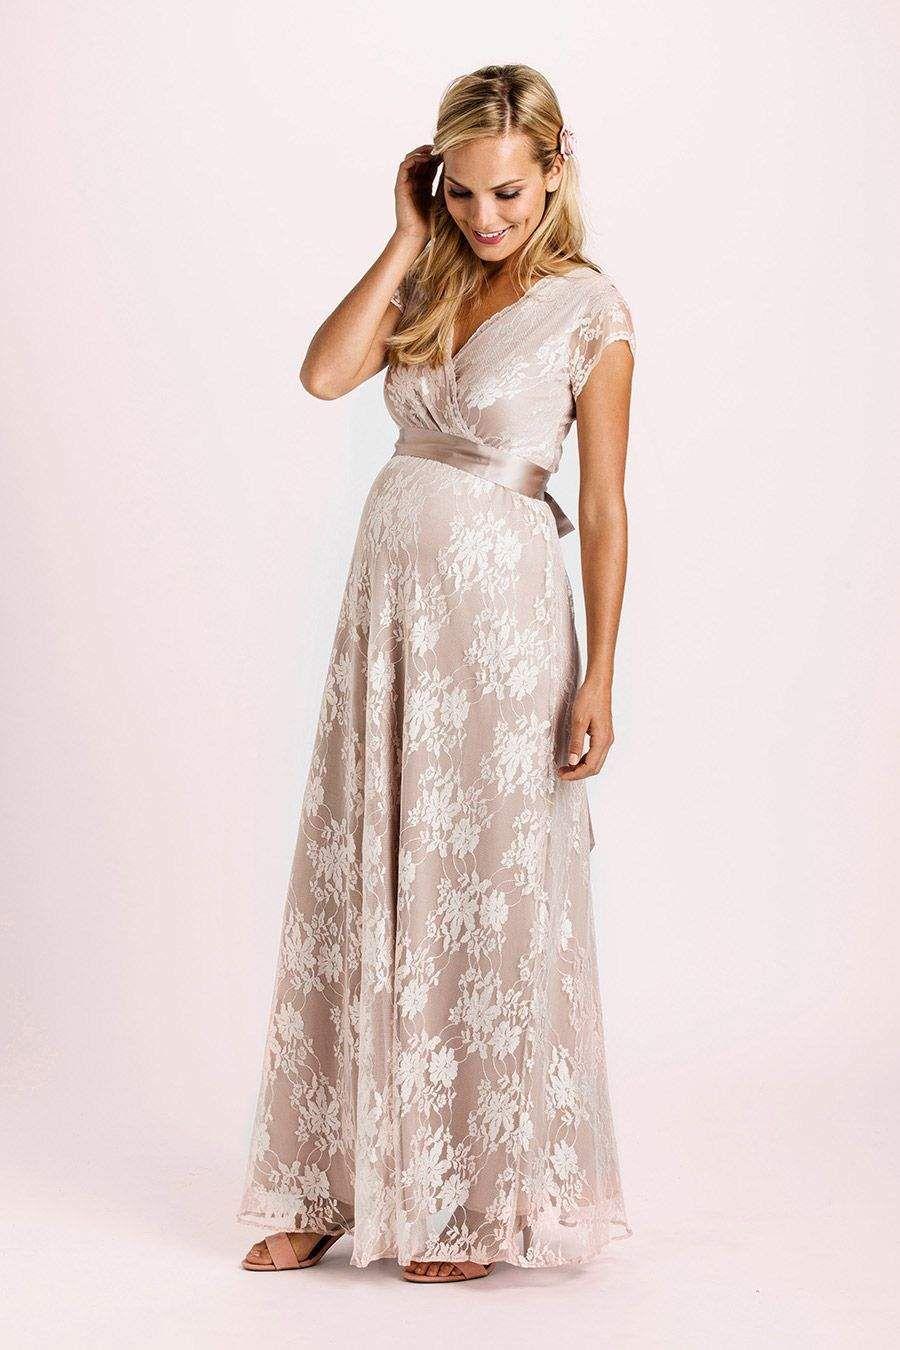 new product c7e9d 99065 Umstandsbrautkleid Eden lang rose | Wedding in 2019 ...